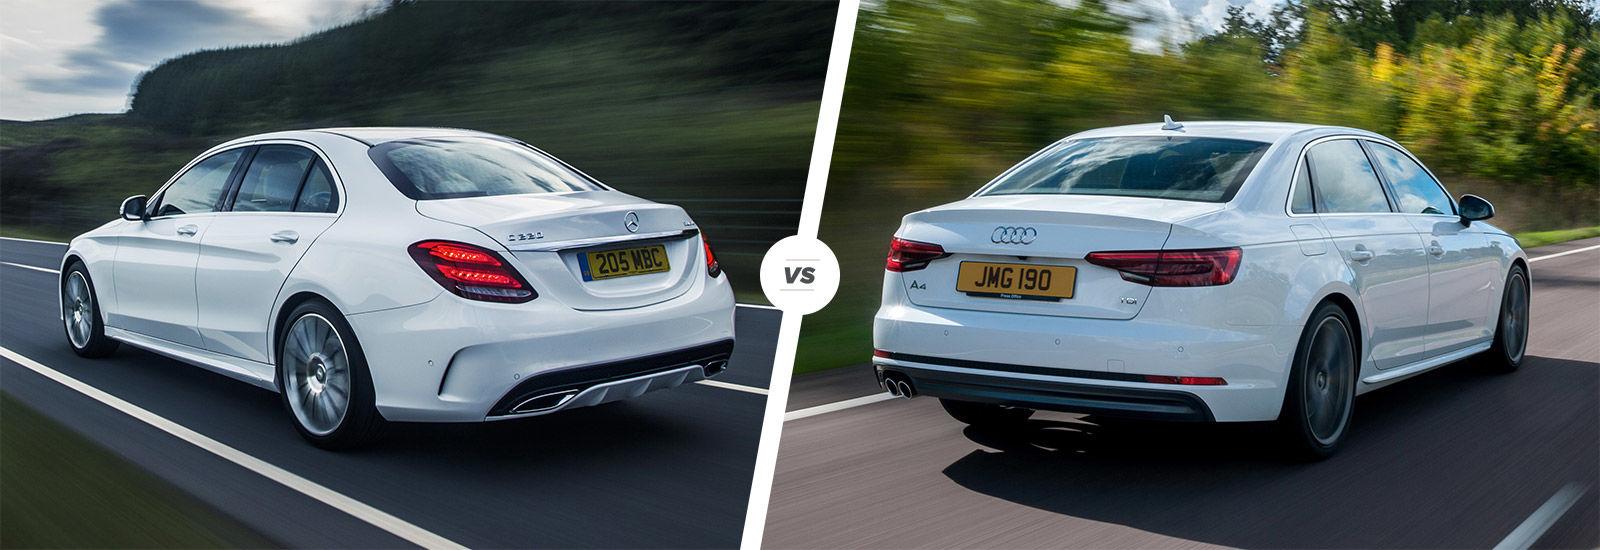 Mercedes C Class vs Audi A4 parison